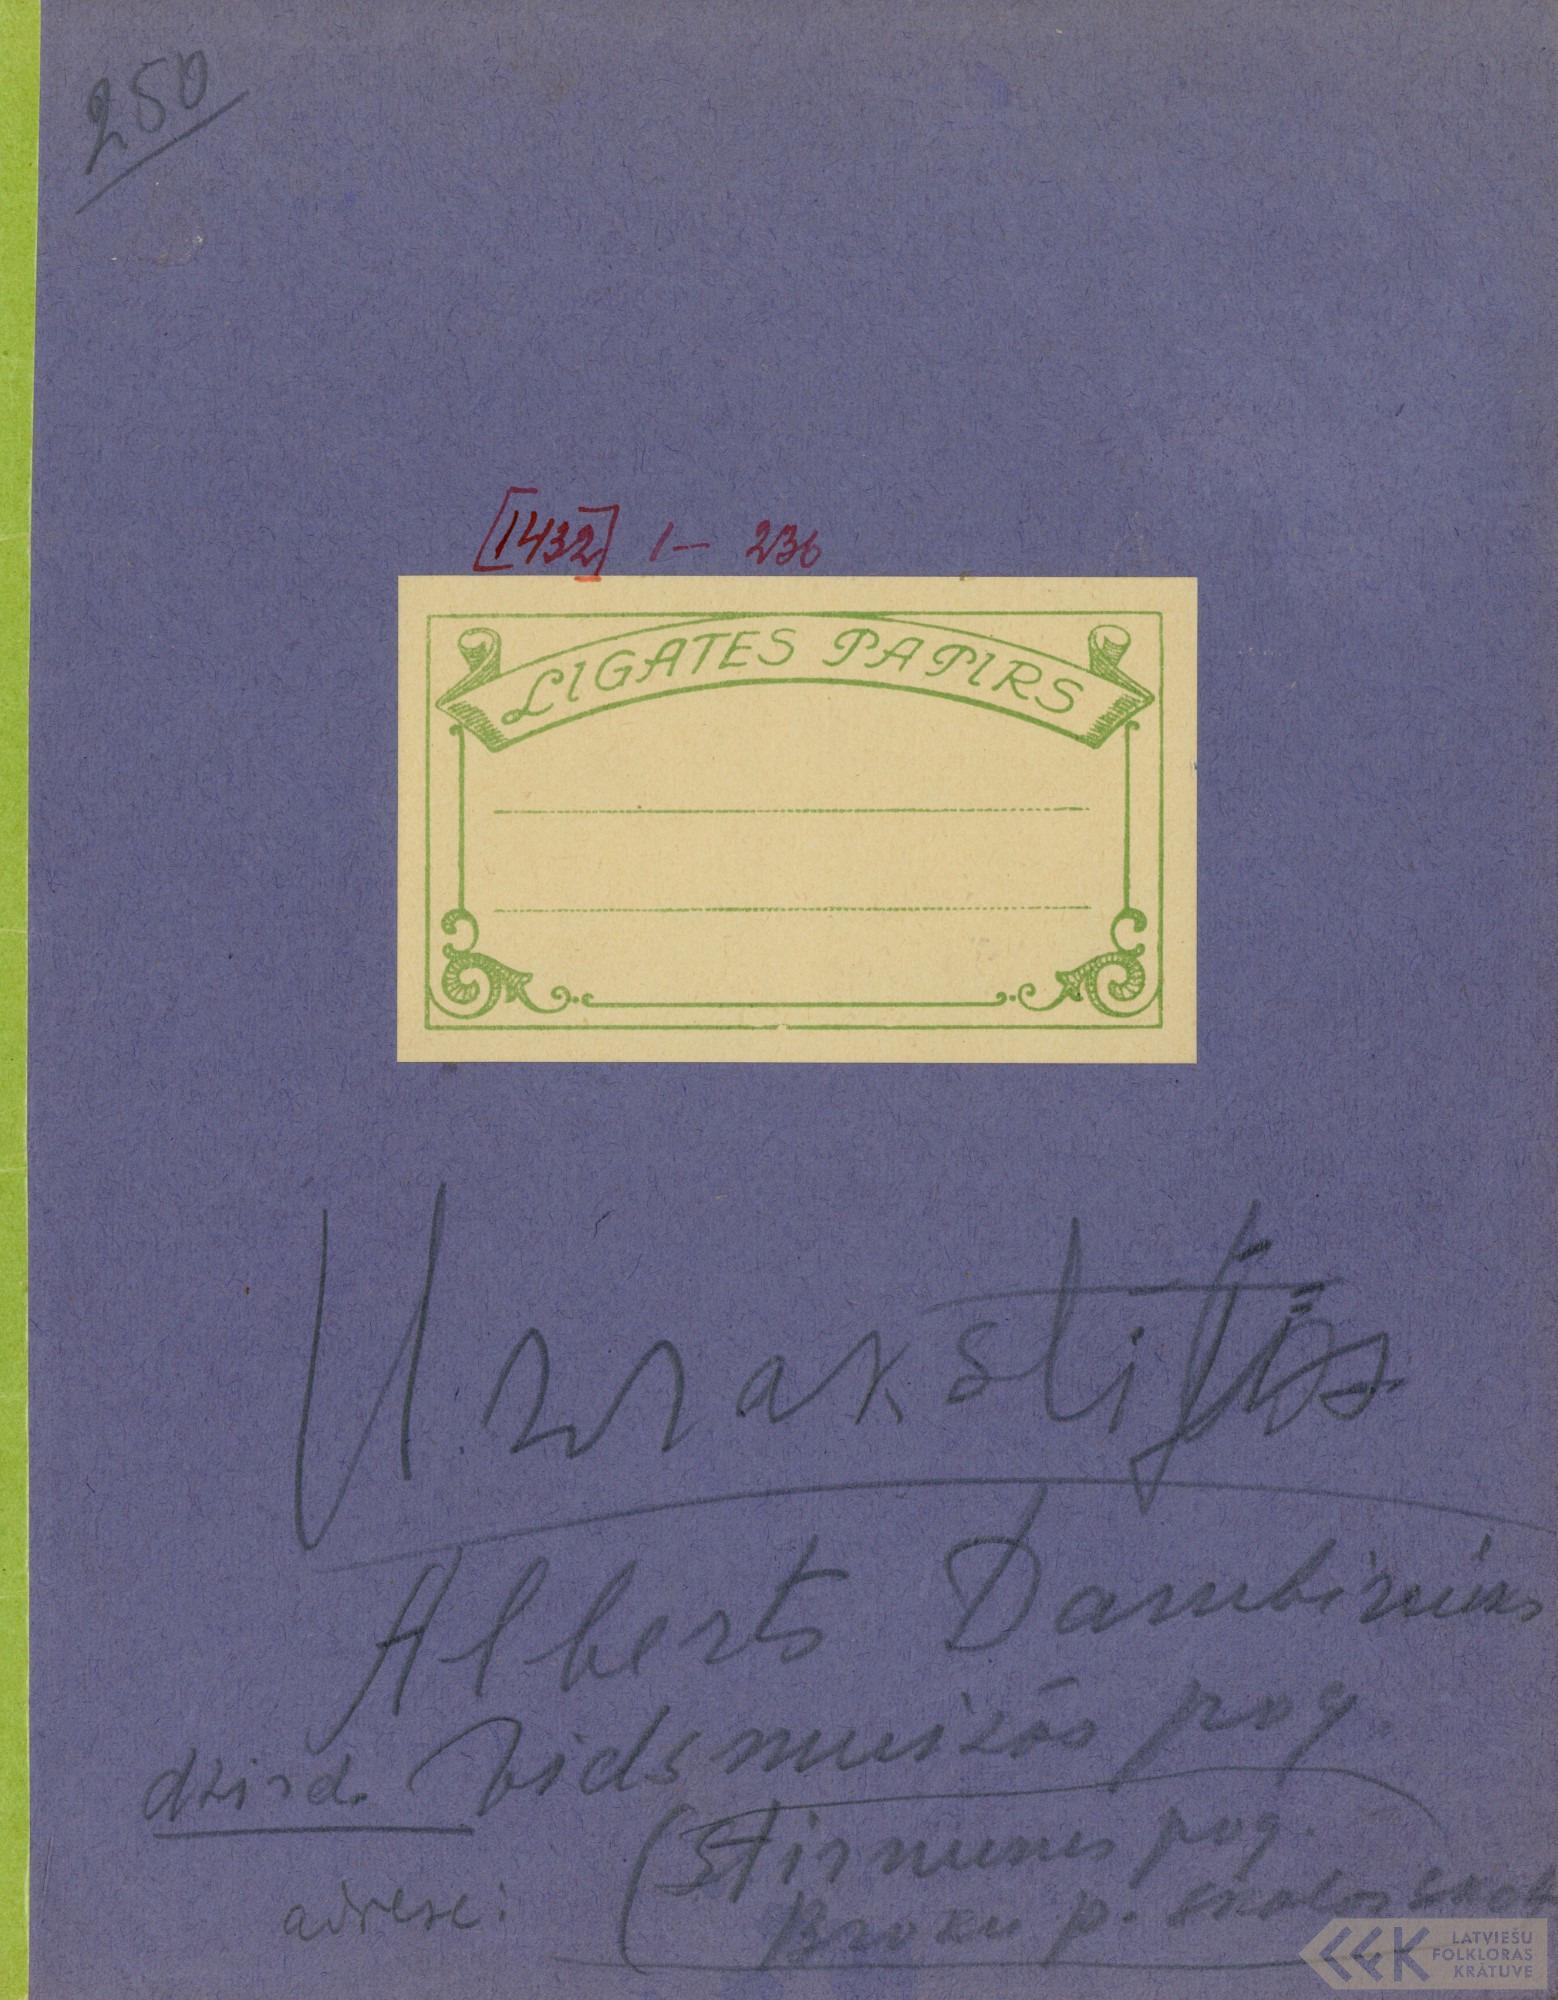 1432-Alberts-Dambinieks-0001